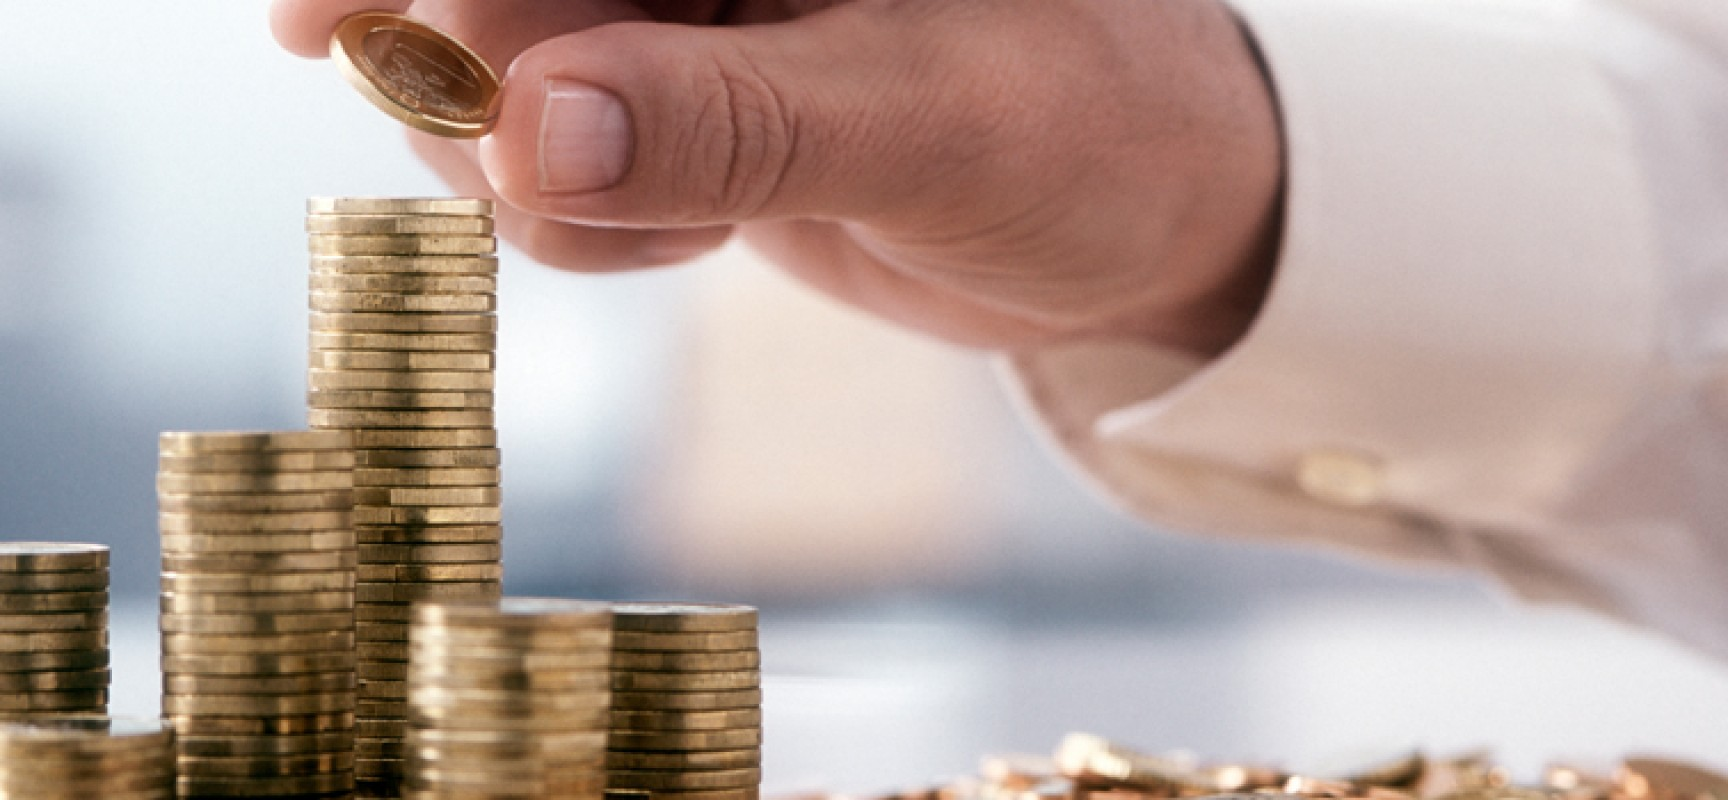 Bando per il microcredito di impresa, la Confcommercio di Bisceglie apre uno sportello informativo